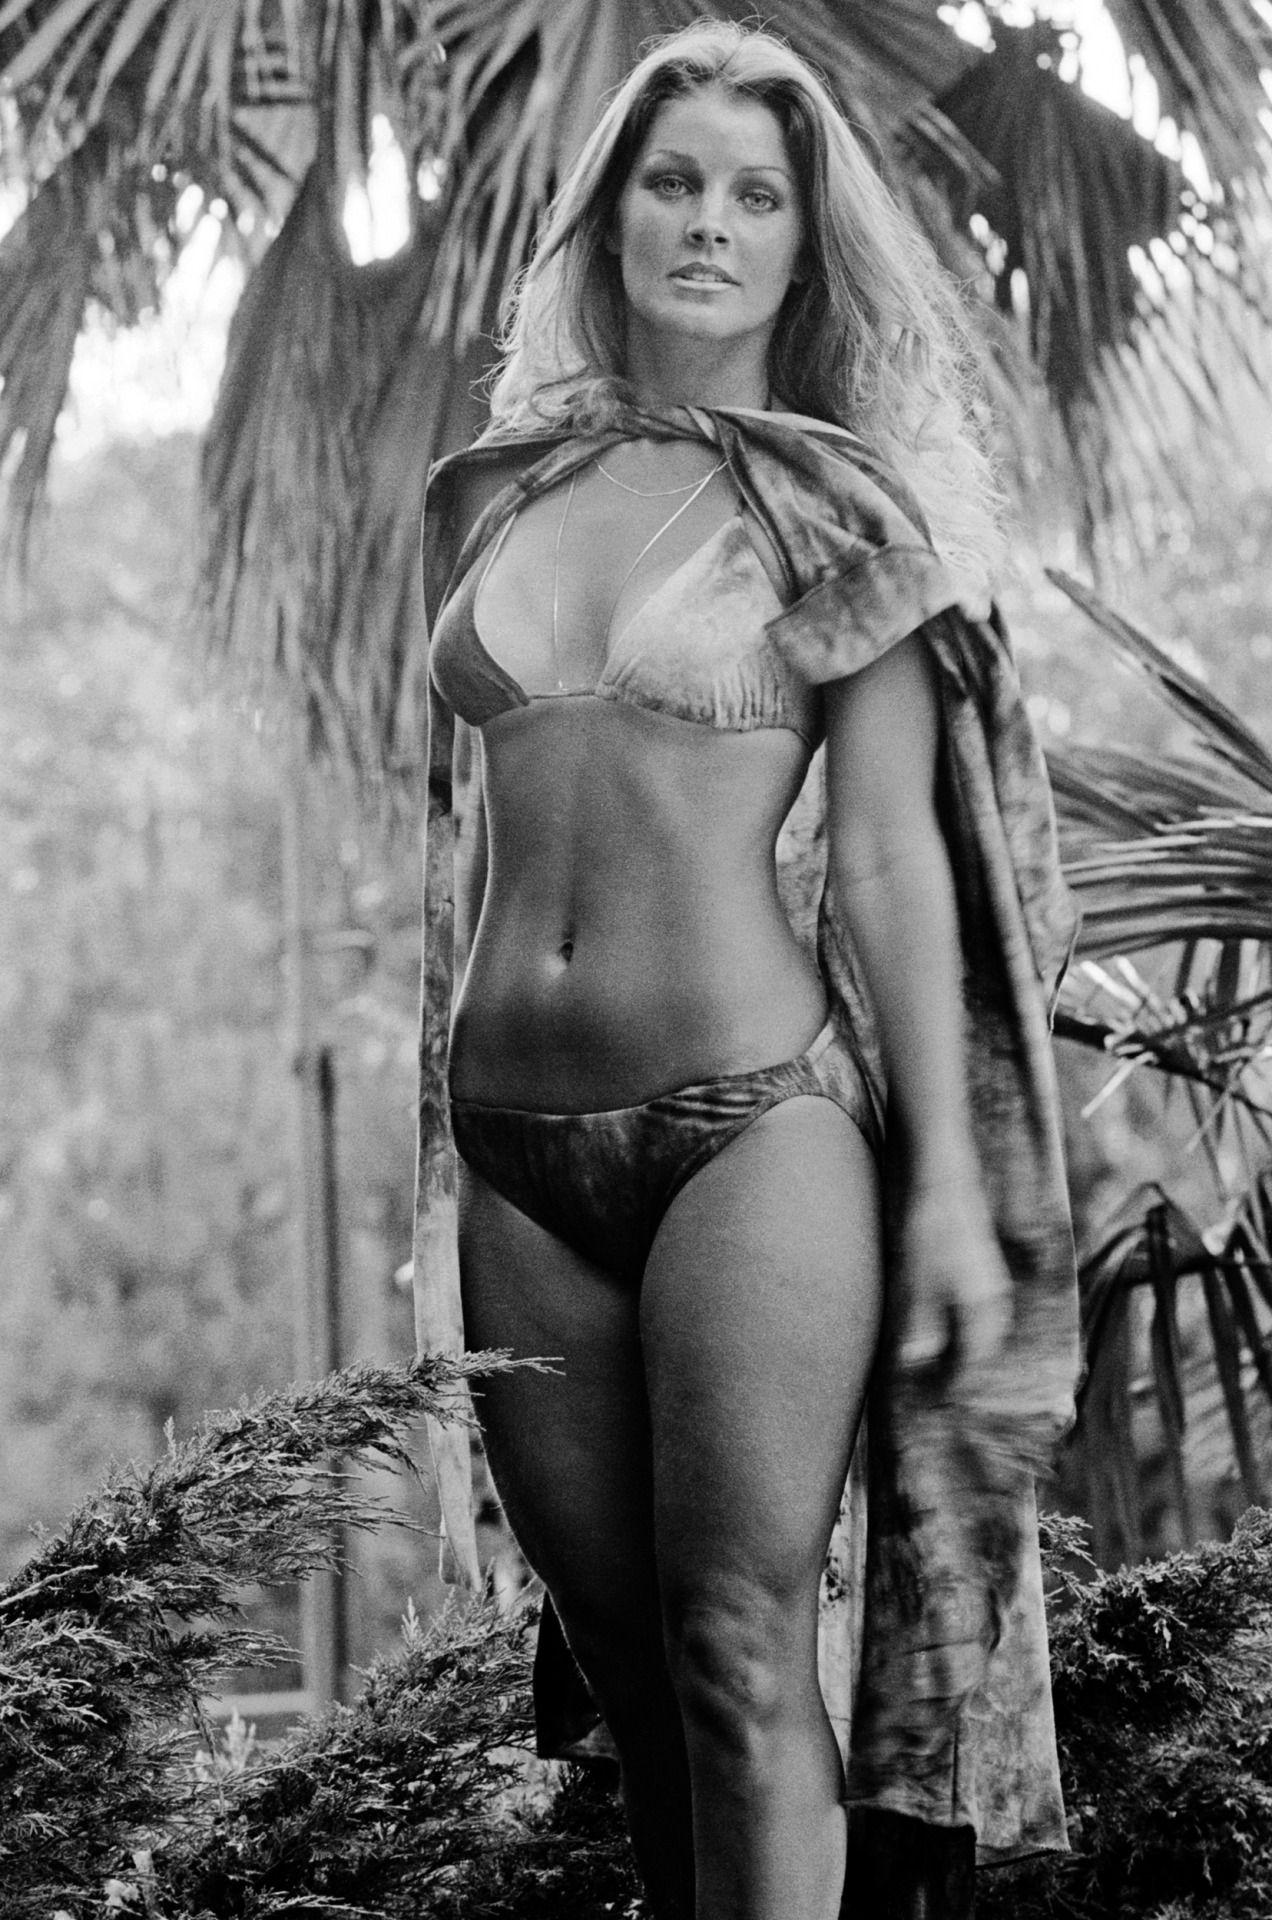 Lisa marie presley bikini